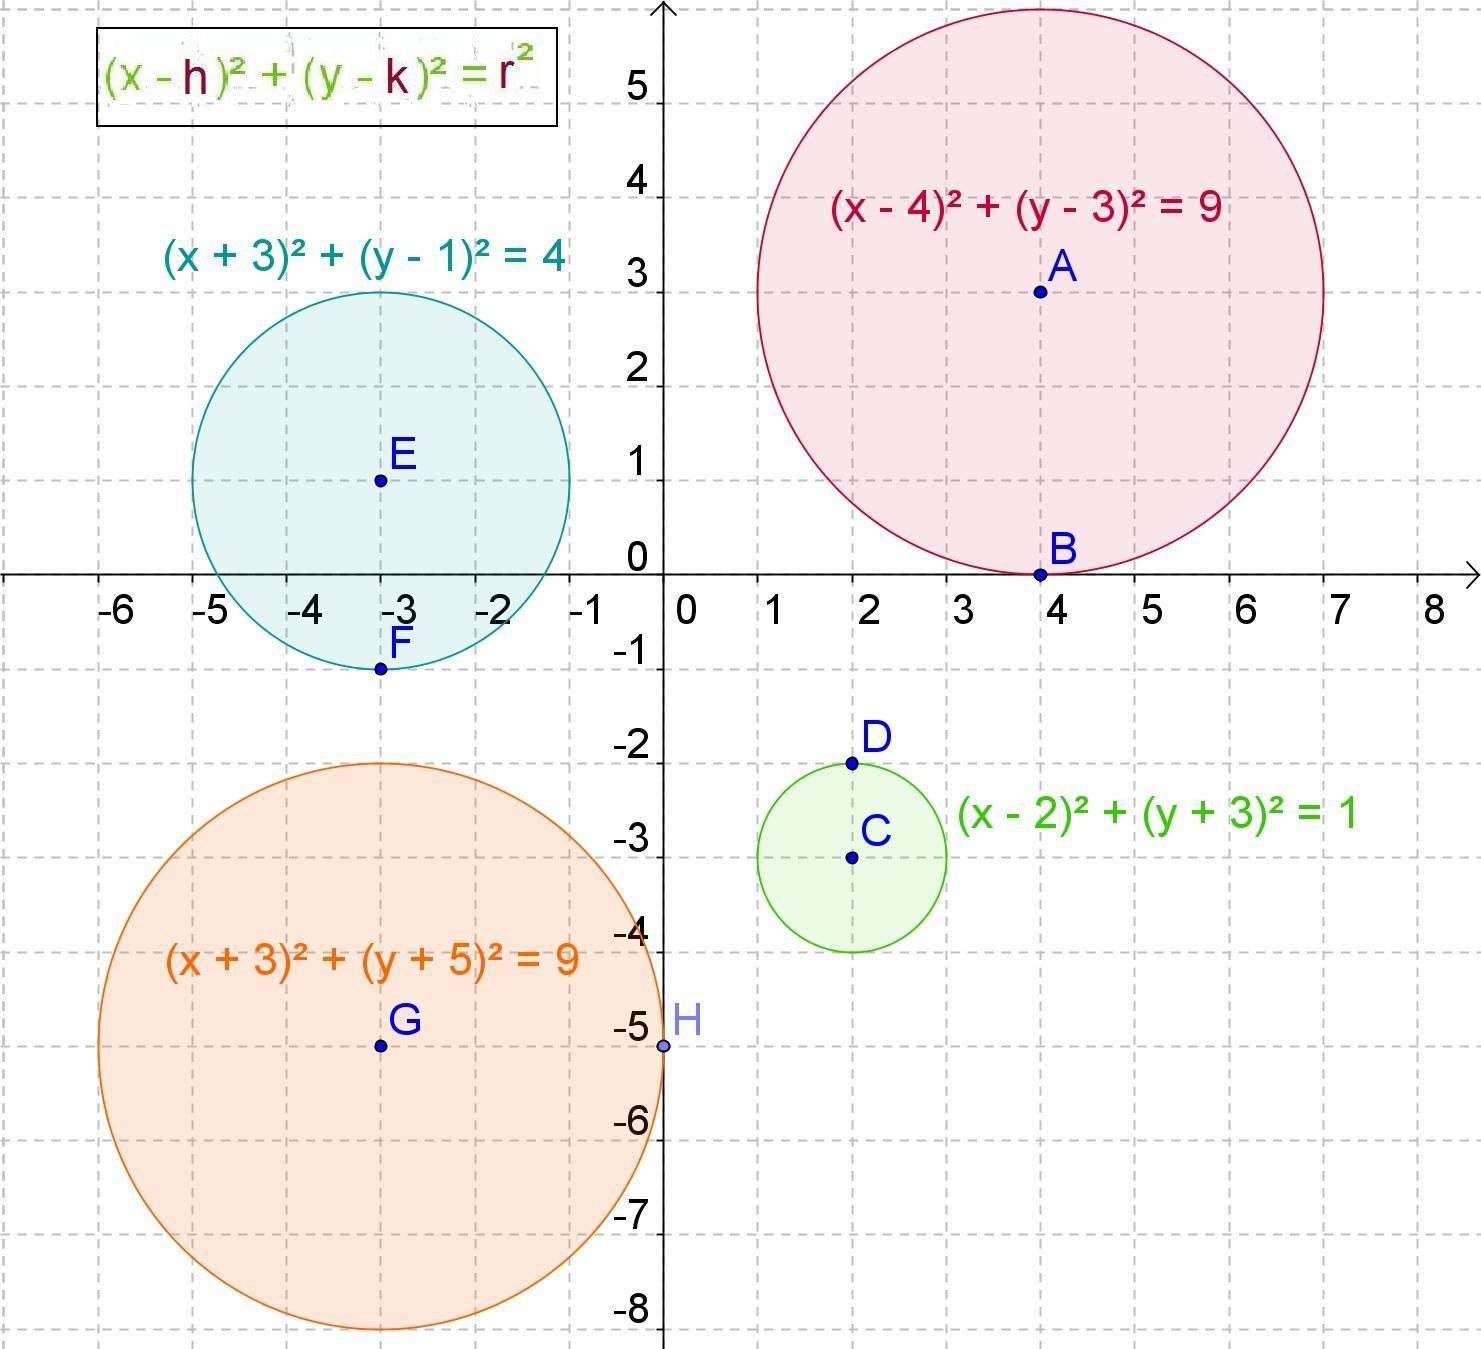 Geometría analítica y álgebra: Circunferencia